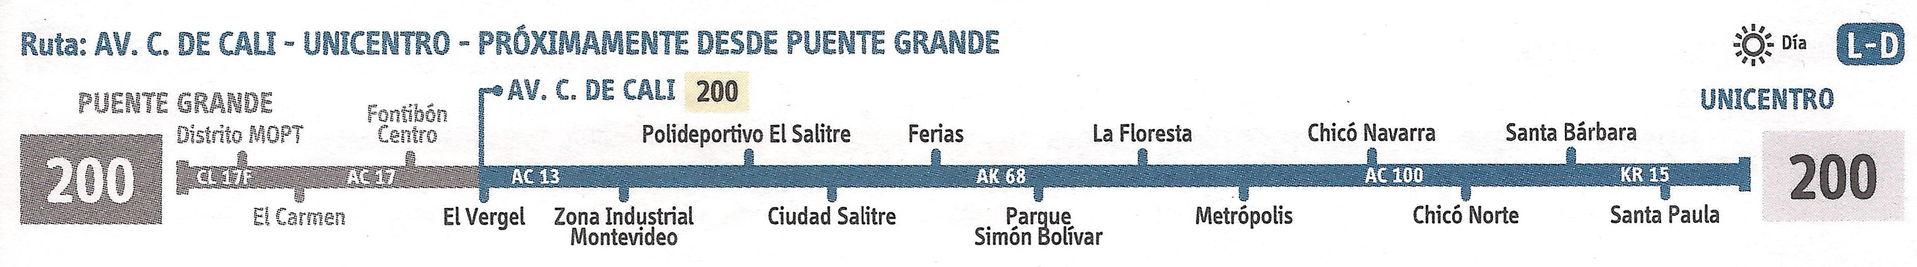 Ruta SITP: 200 Unicentro ↔ Puente Grande [Urbana] 2